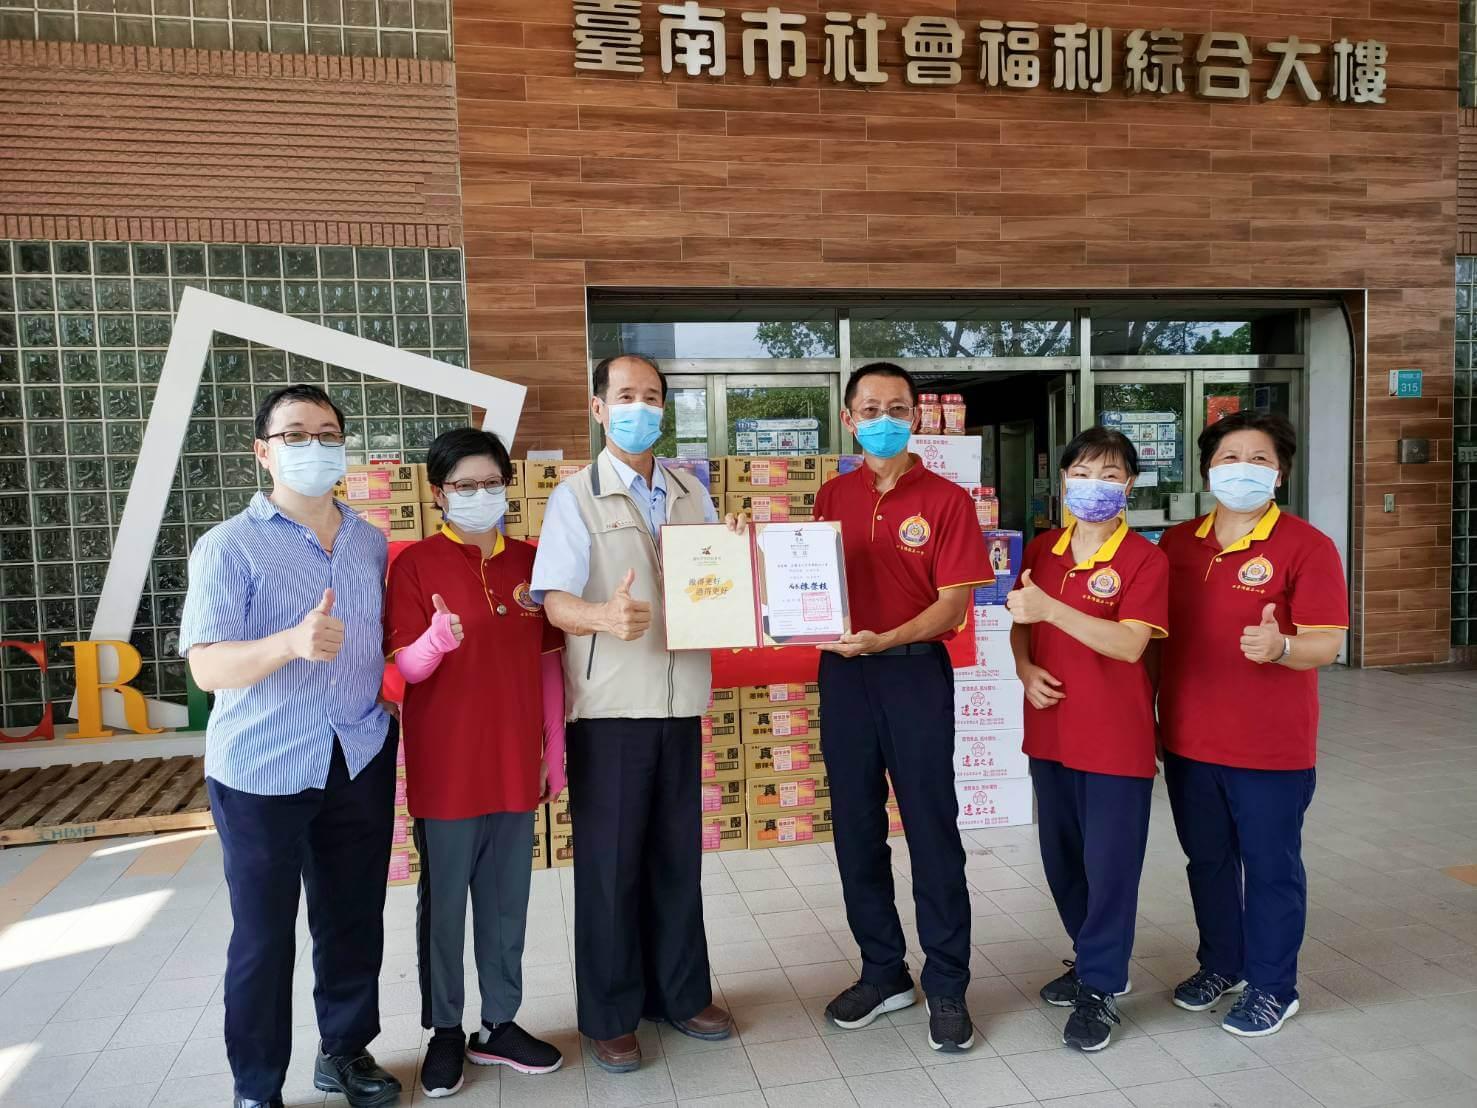 世界佛教正心會,捐贈200箱泡麵及200罐肉鬆予台南市社會局的實物愛心銀行,由社會局長陳榮枝代表接受並回贈感謝狀